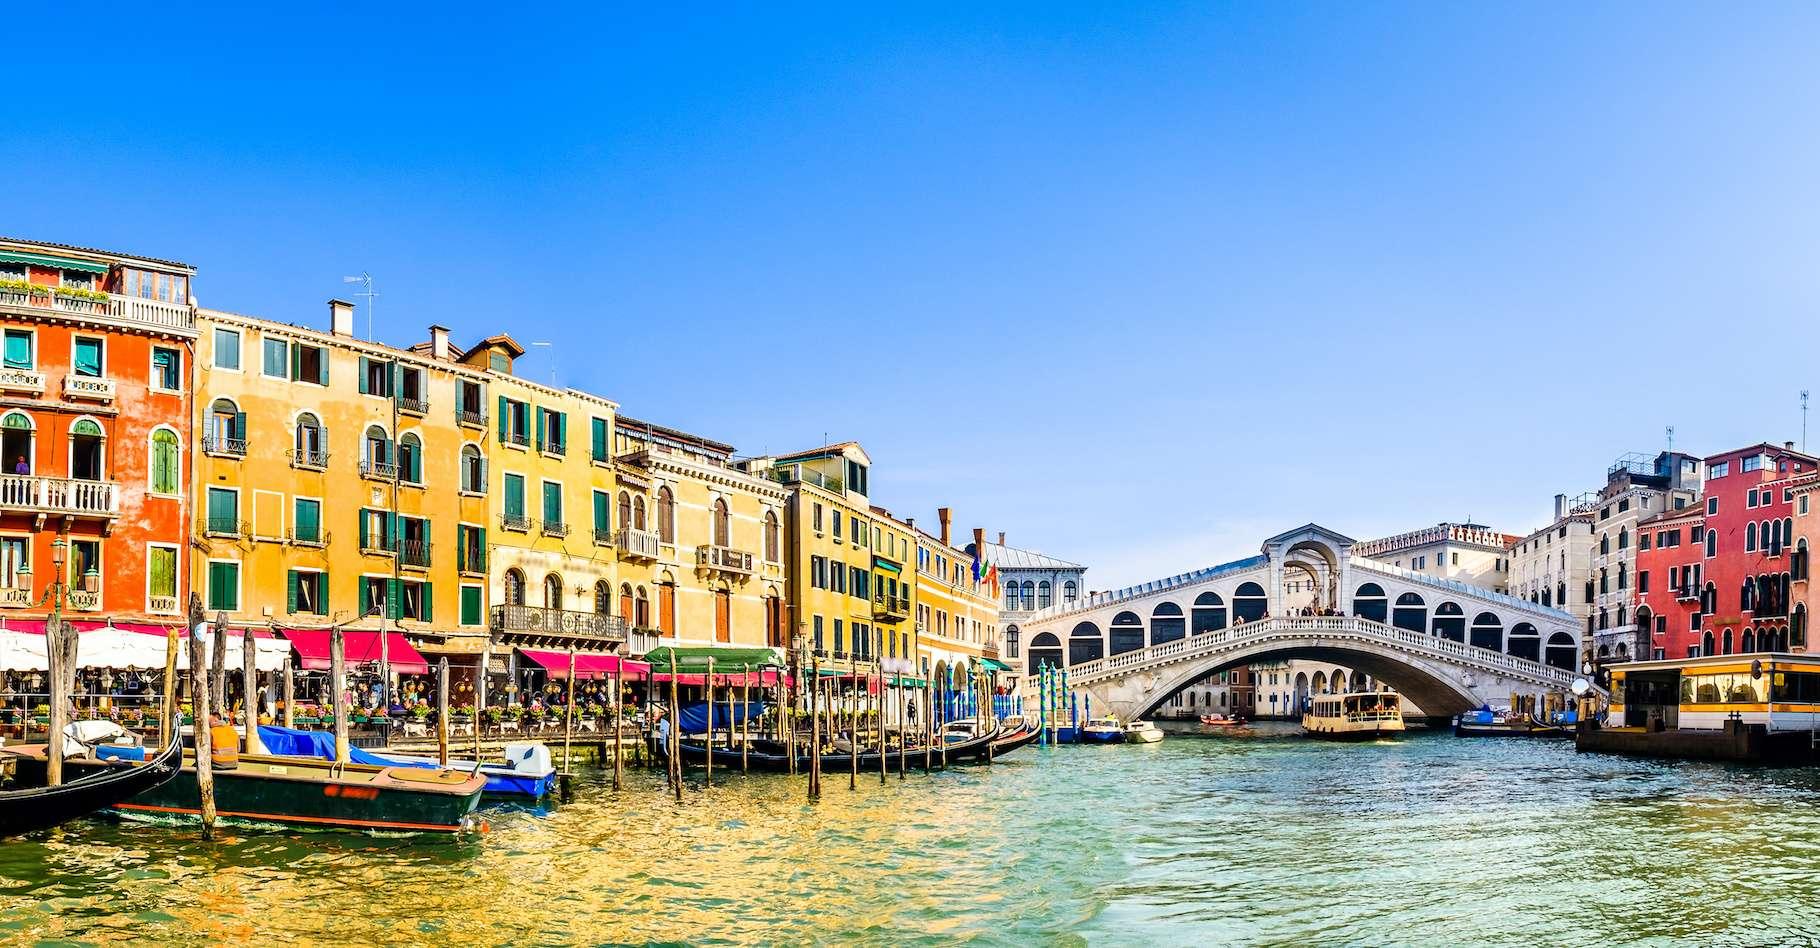 En l'absence de touristes, Venise a retrouvé des eaux claires. Un effet positif de la crise du coronavirus. © fotoo, Adobe Stock